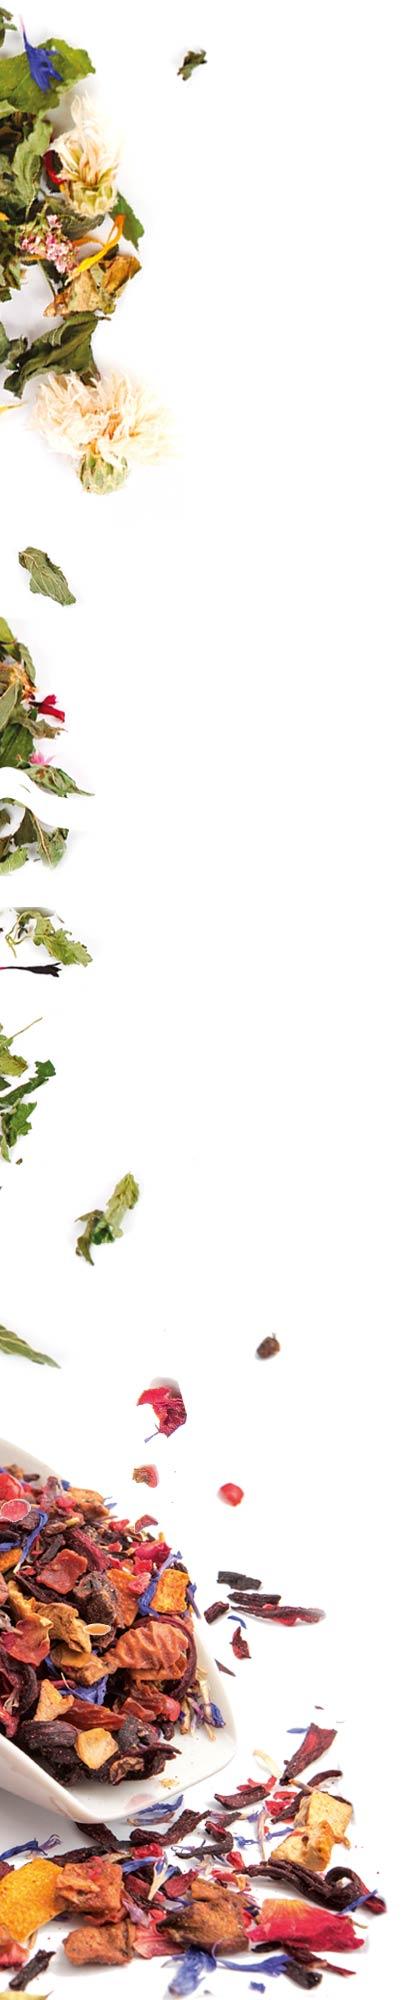 Pétales thé gauche